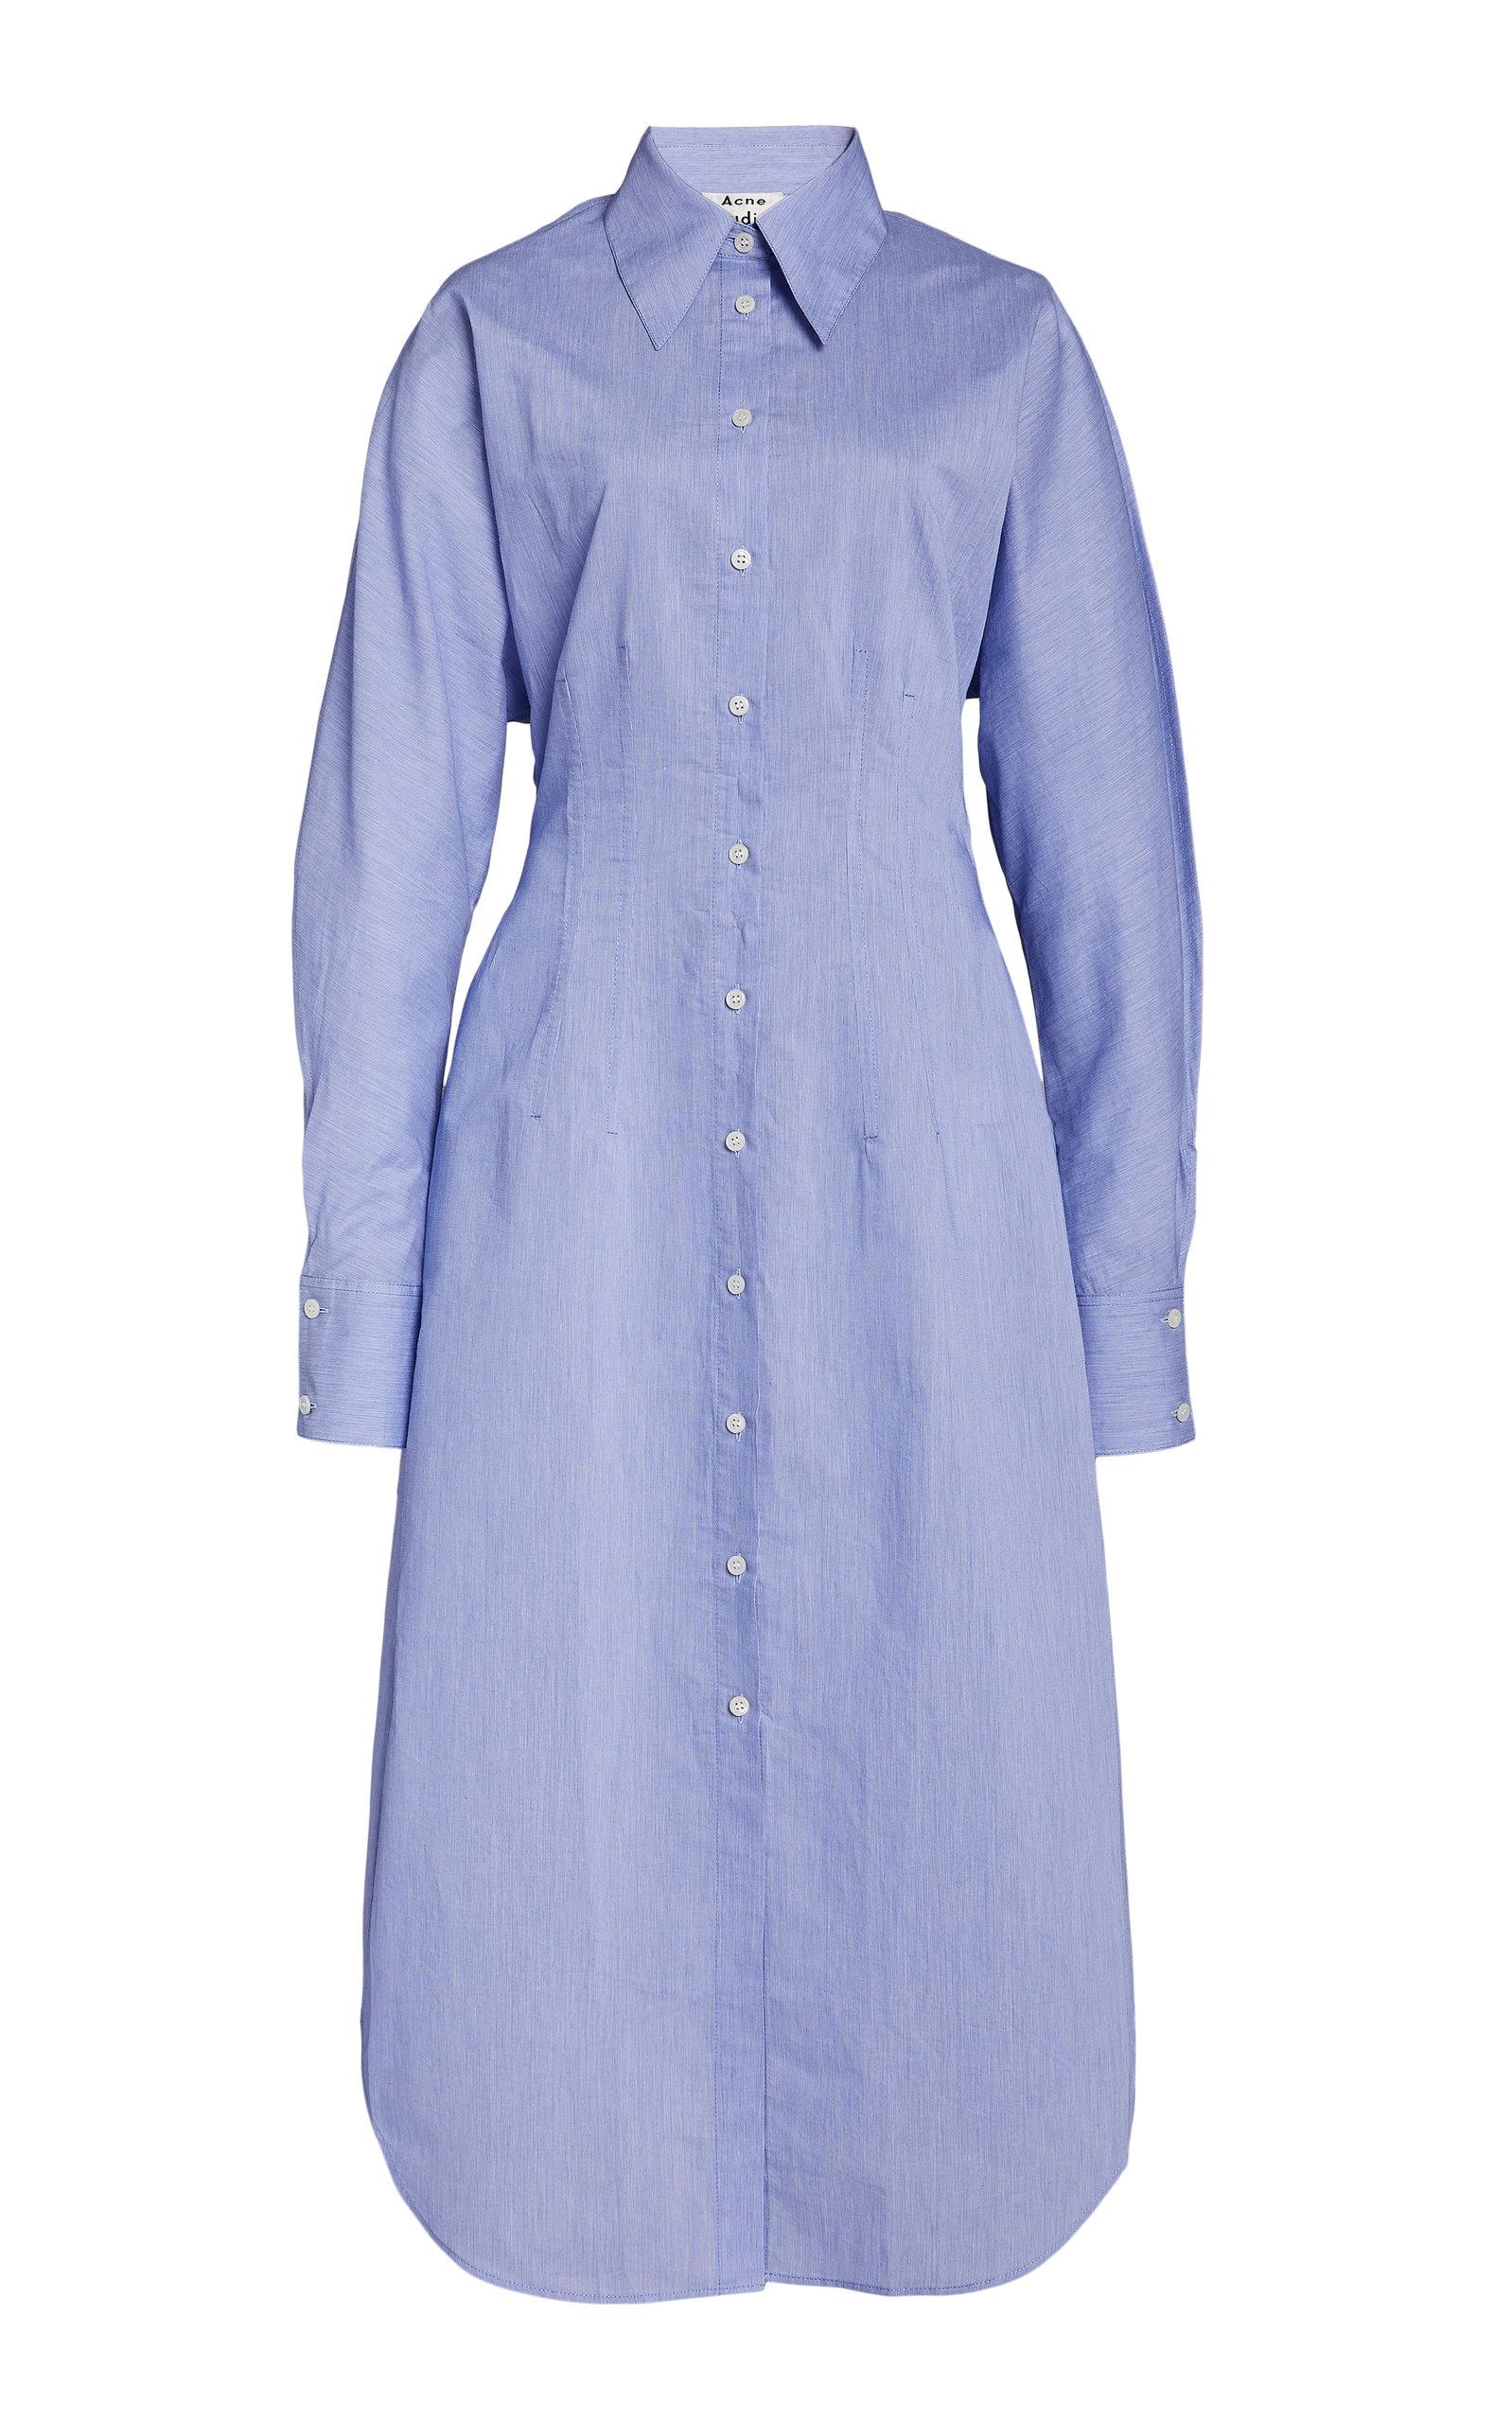 Buy Acne Studios Danete Cotton-Blend Shirt Dress online, shop Acne Studios at the best price